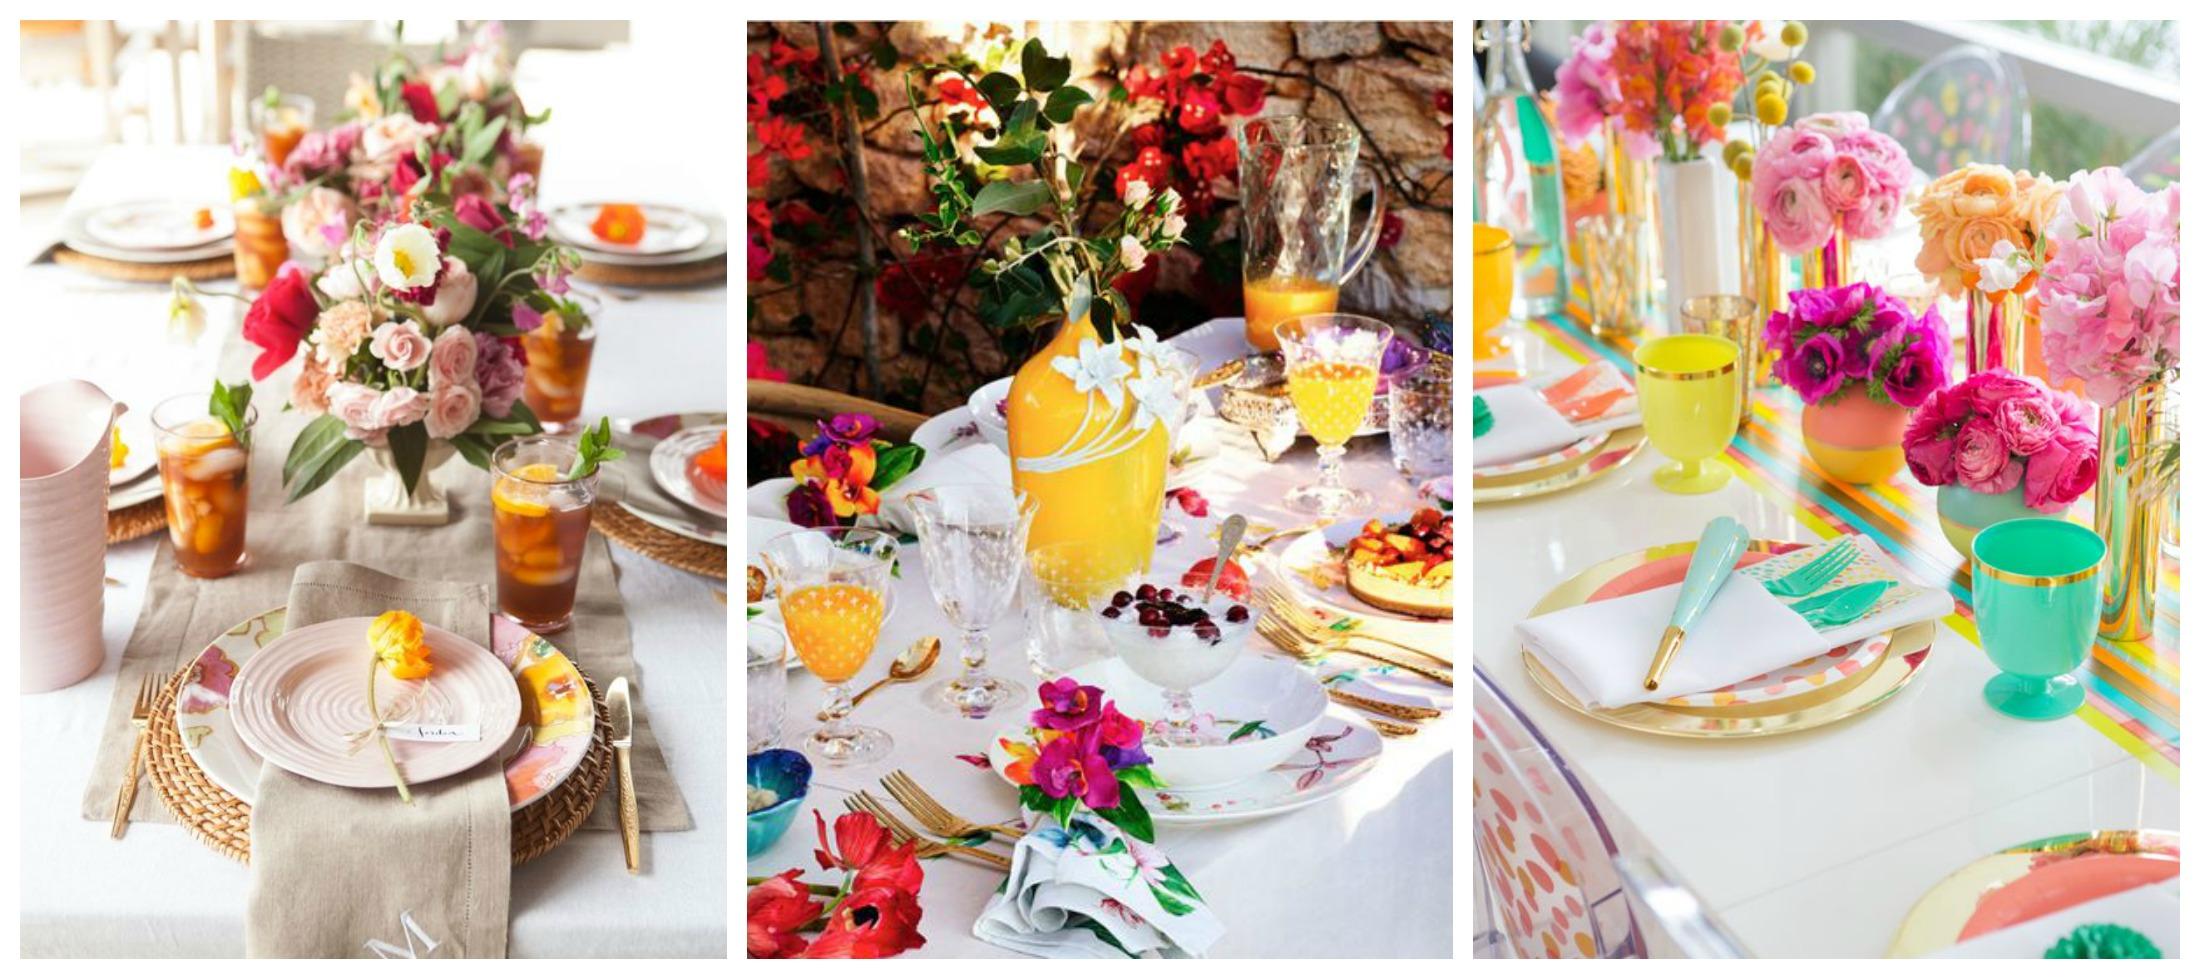 C mo decorar una mesa de verano cristina lopez aparicio - Como decorar una mesa para una fiesta ...